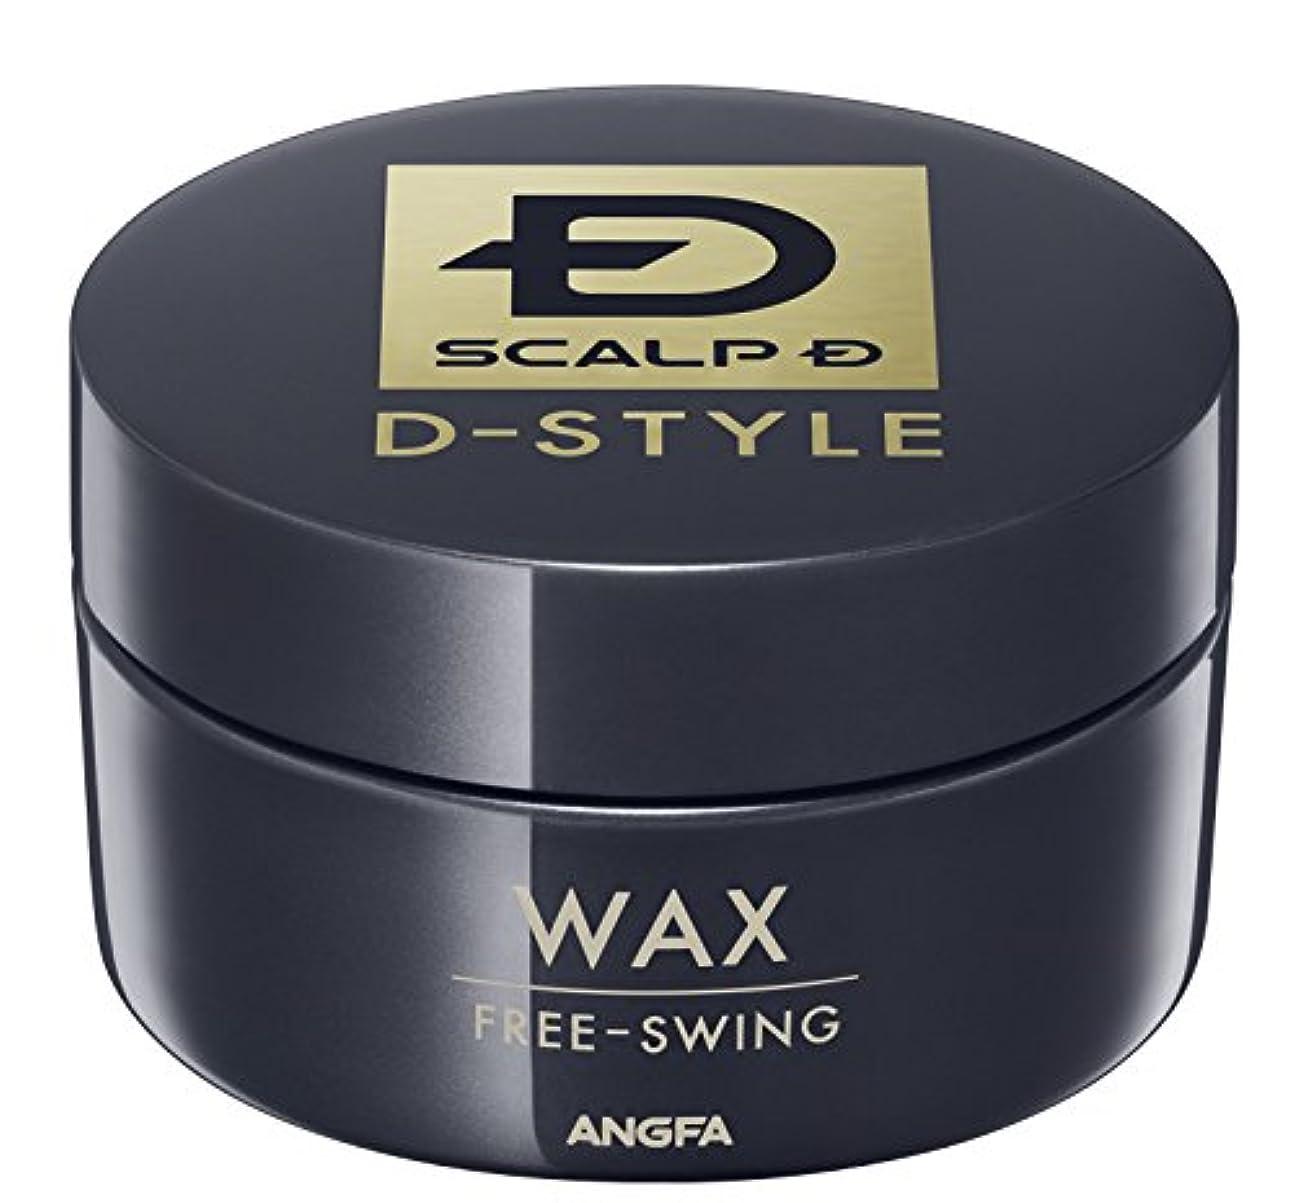 対カニ大胆なアンファー (ANGFA) スカルプD フリースウィング ソフトタイプ 60g ヘアワックス スタイリング剤 シトラスグリーンの香り